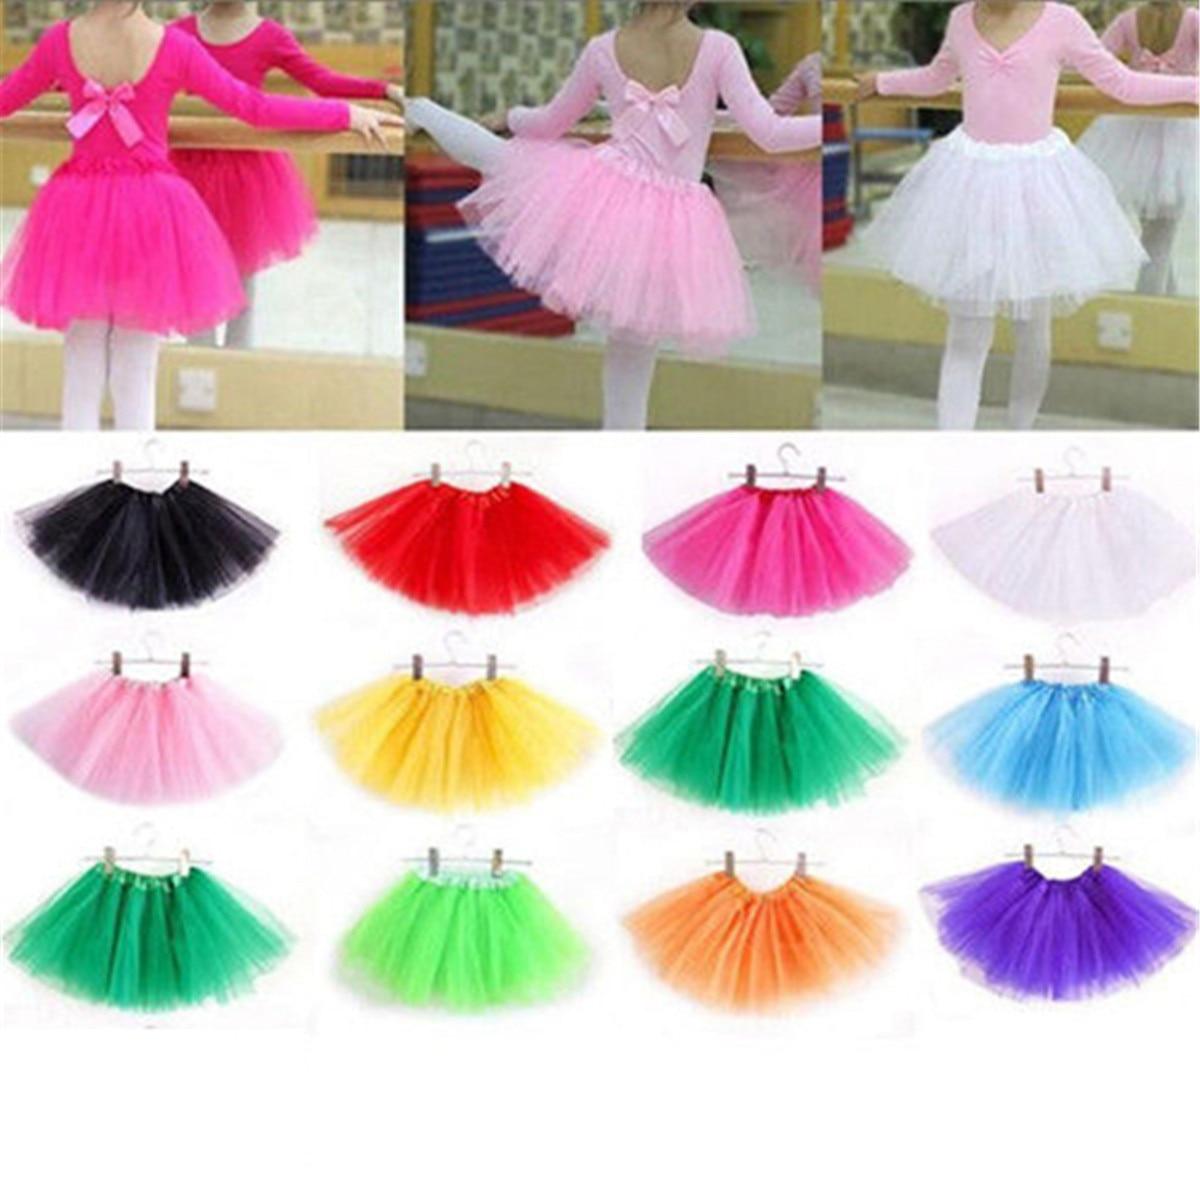 Lovely Fluffy Soft Tulle Baby Kids Dance Tutu Skirt For Girl Sequin 3 Layers Tulle Toddler Pettiskirt Children Dance Skirt